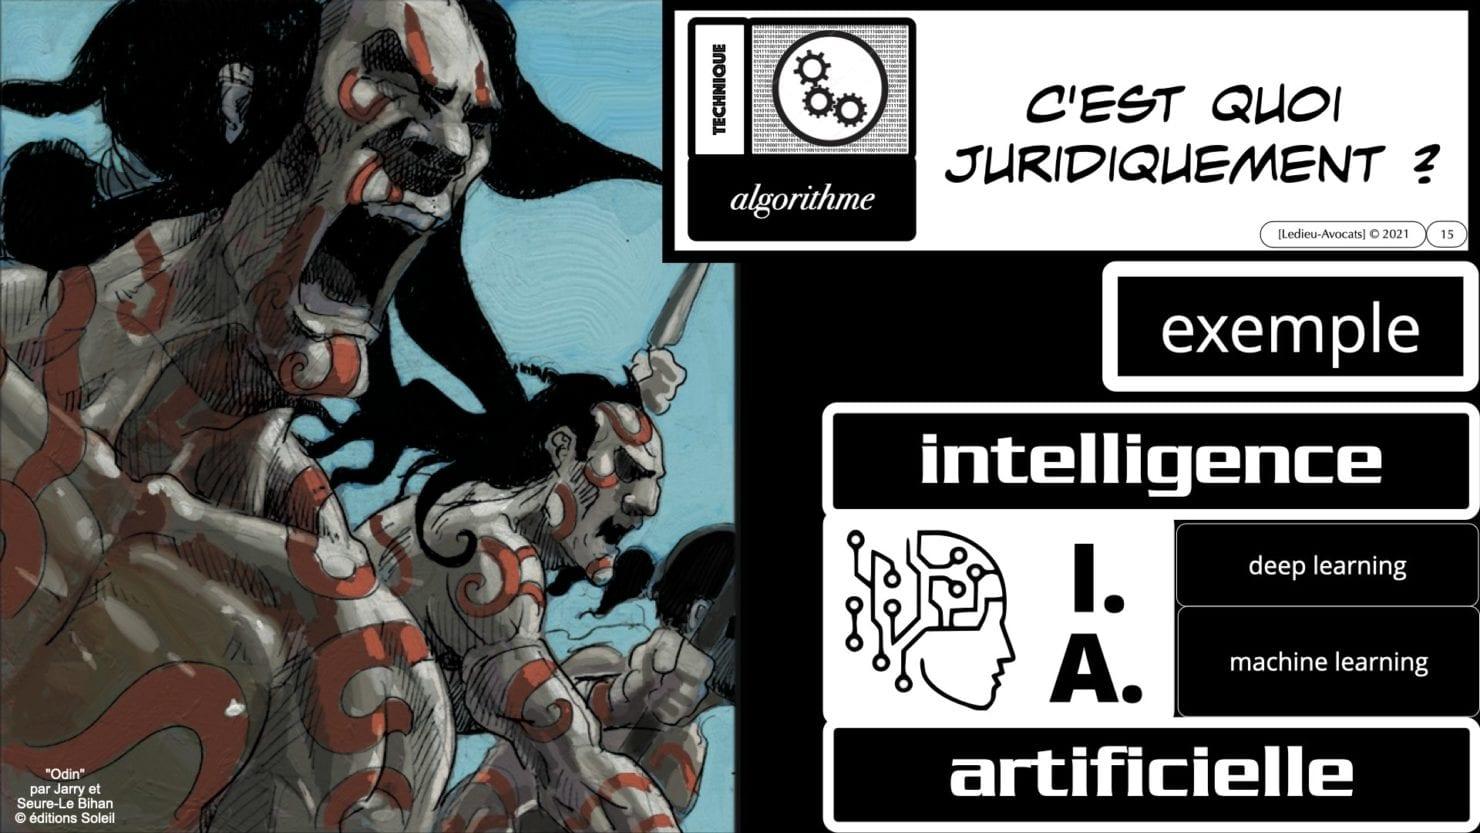 332 ALGORITHME PROTOCOLE protection innovation numérique ©Ledieu-Avocats 19-05-2021.015